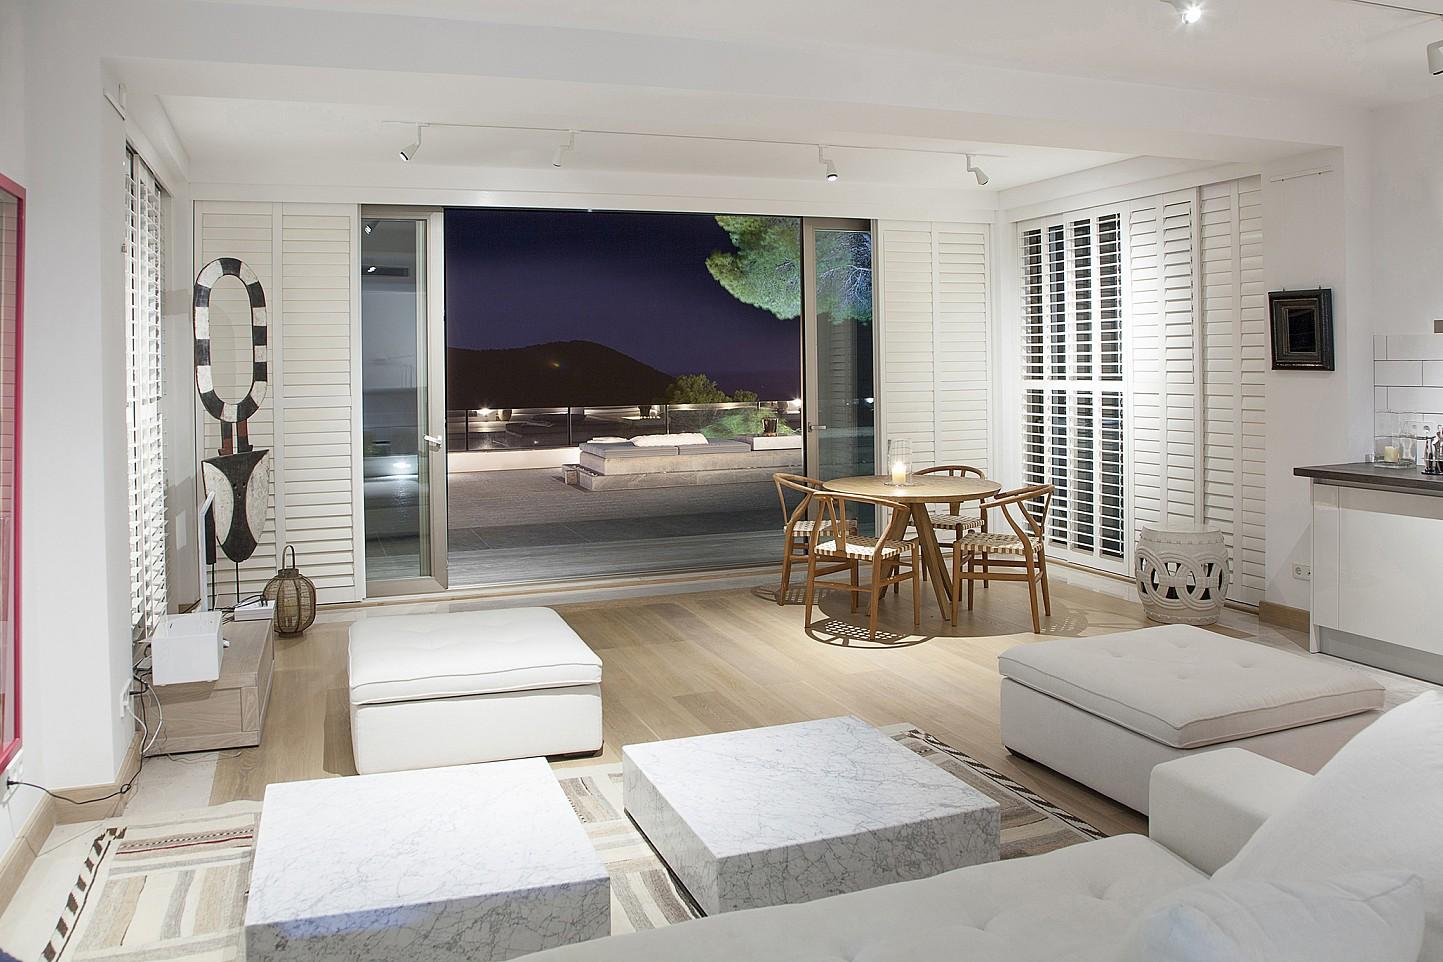 Accés a la terrassa des de la sala d'estar